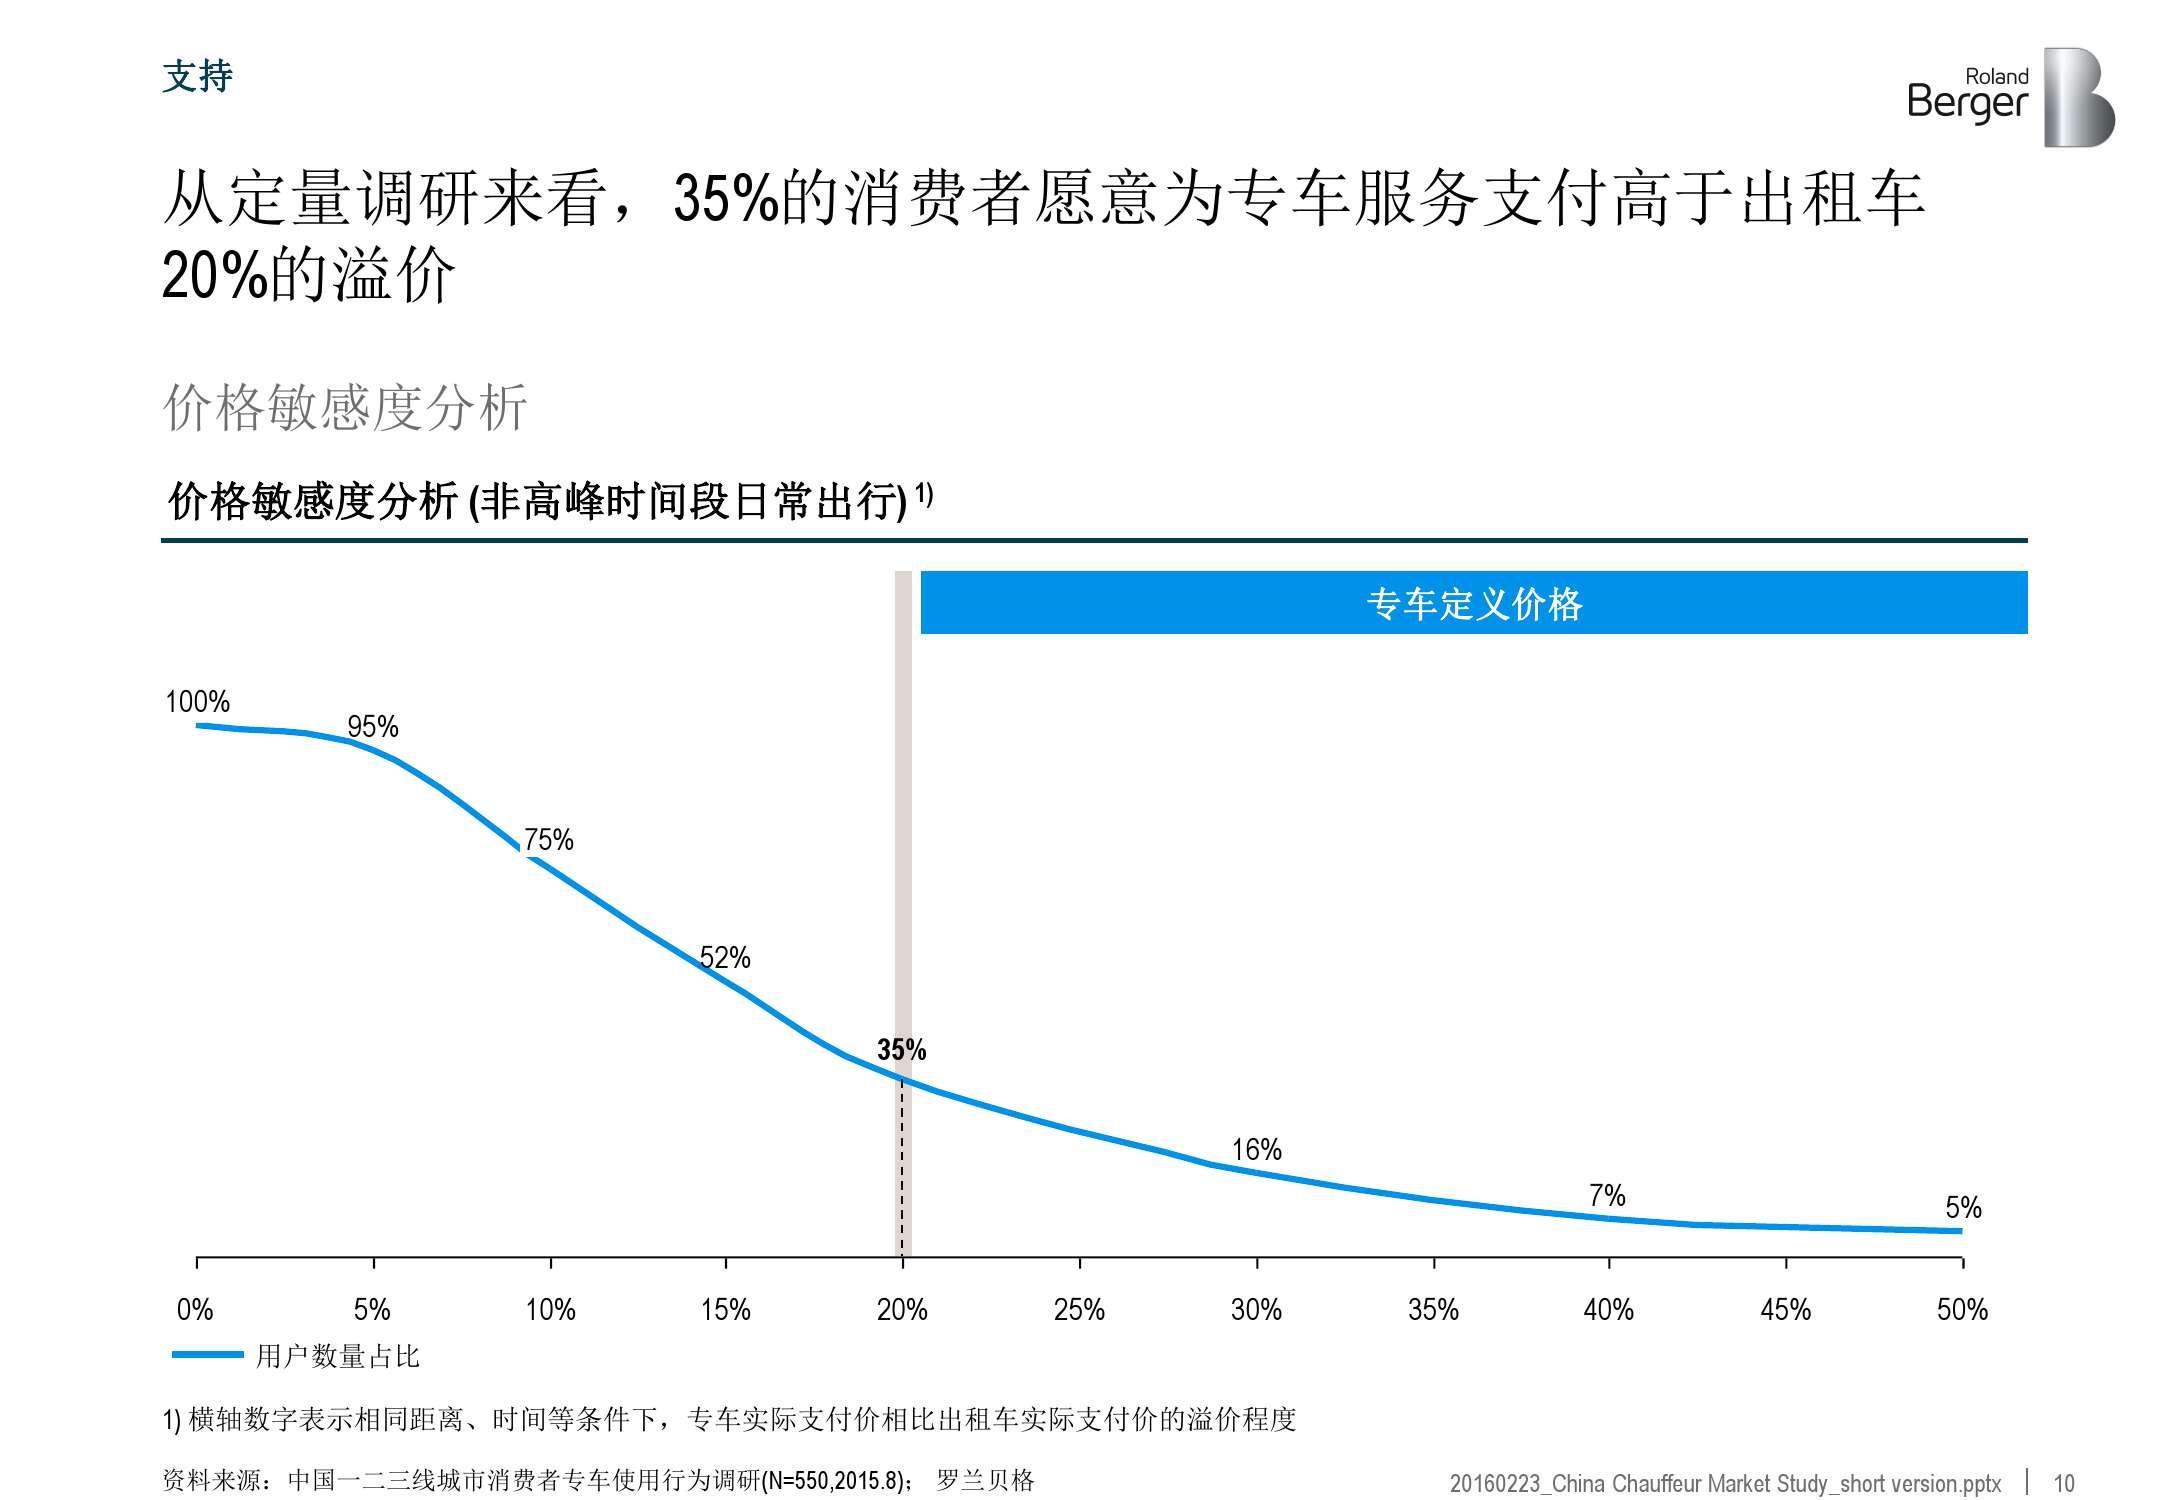 2016年中国专车市场分析报告_000010